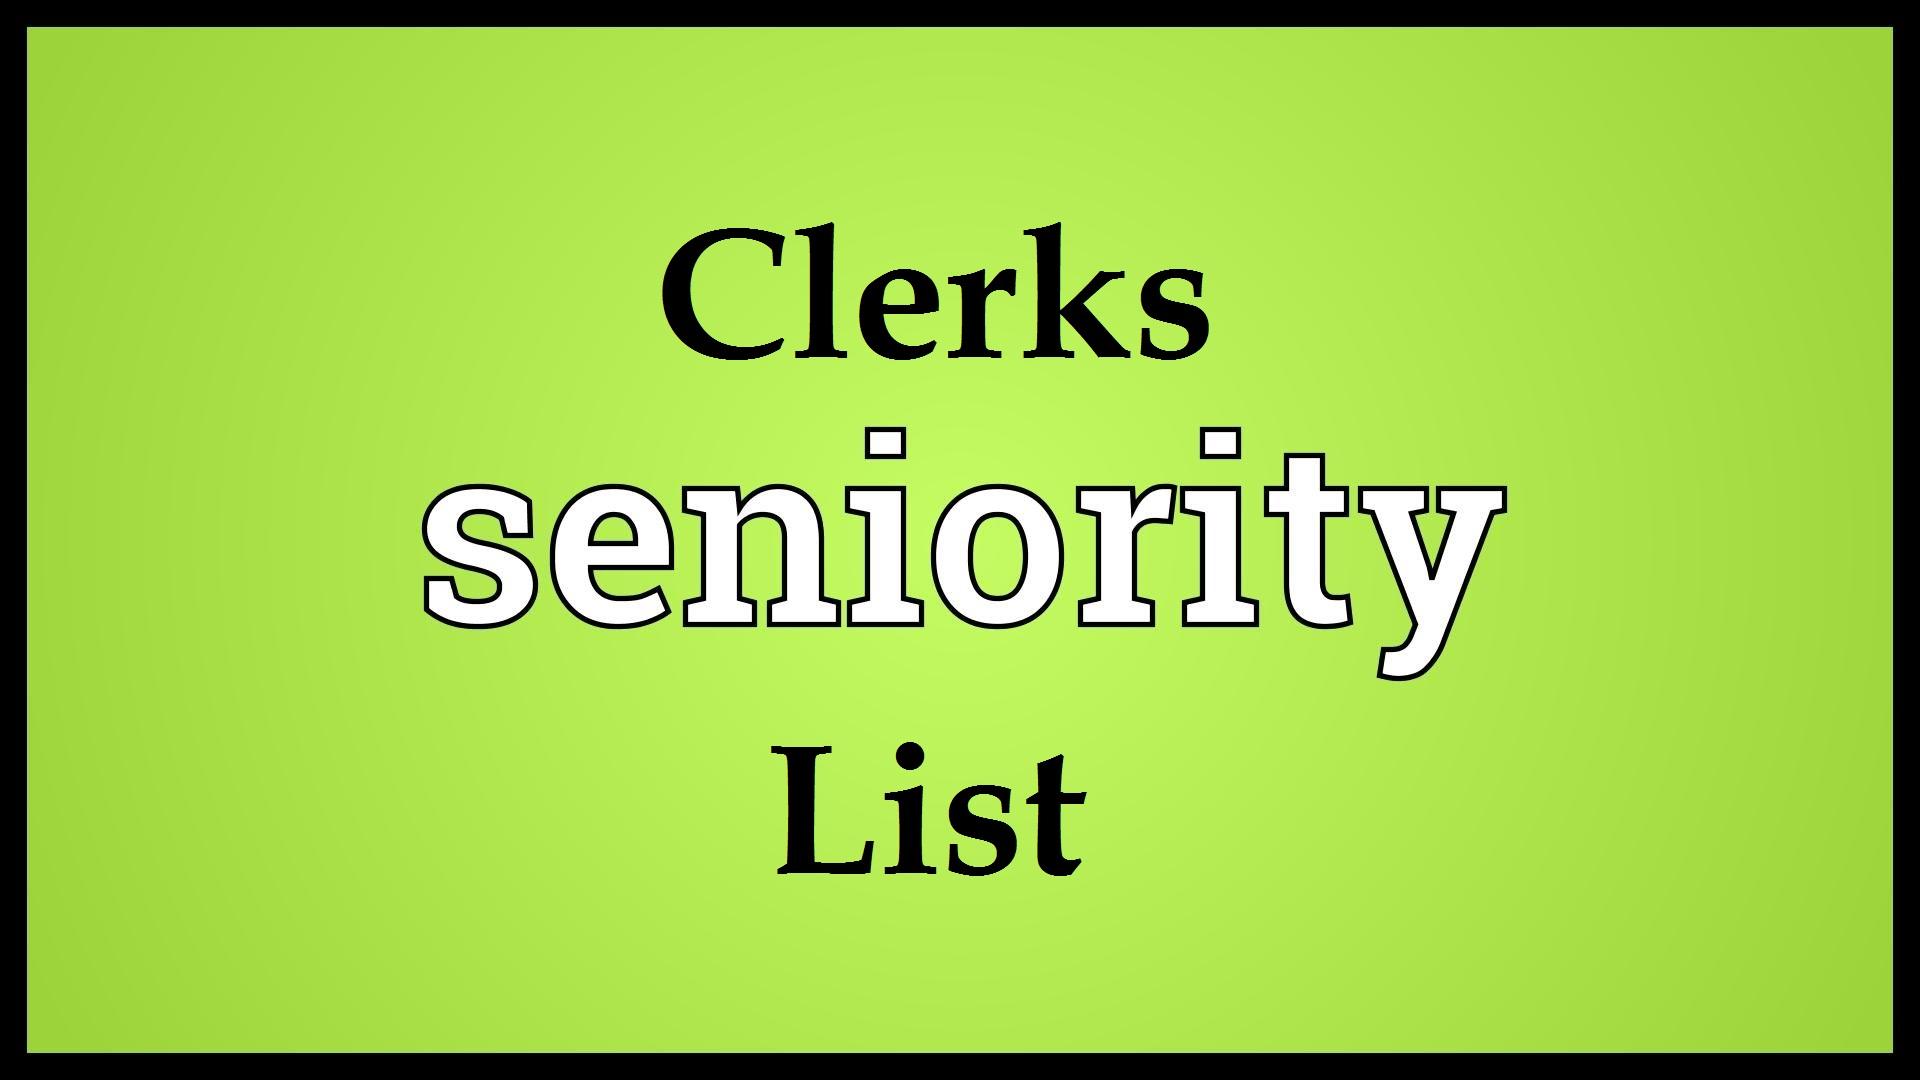 seniority - Clerks